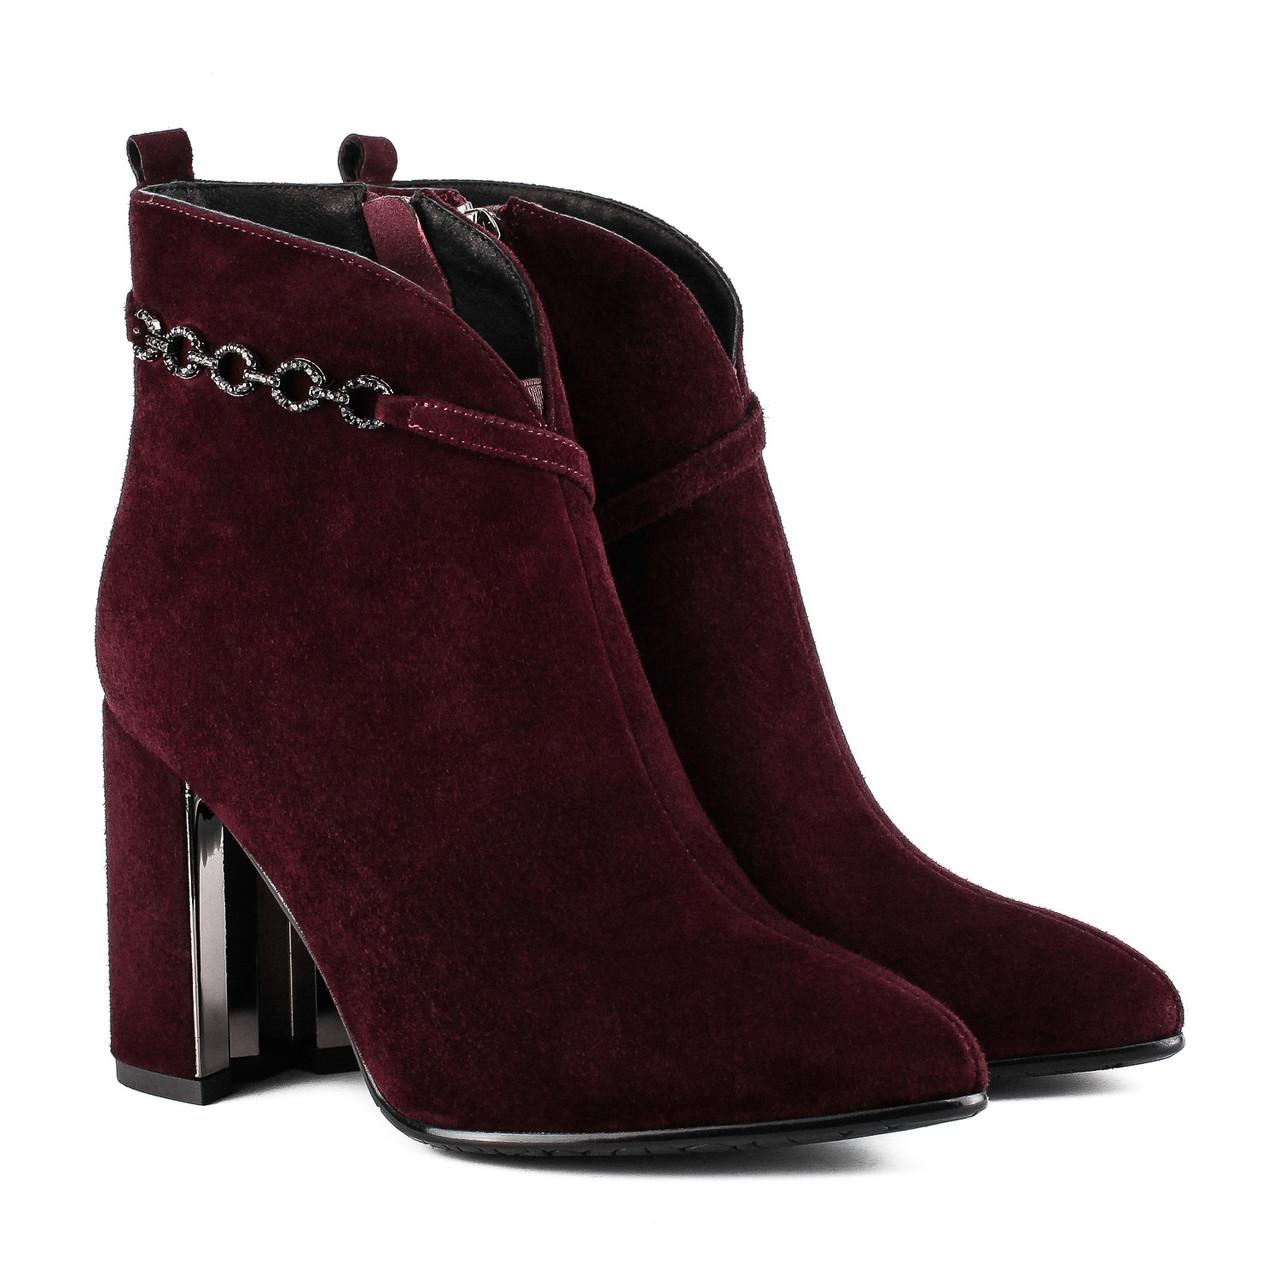 Ботильоны женские Brocoli (замшевые, на удобном каблуке, модные, элегантные)